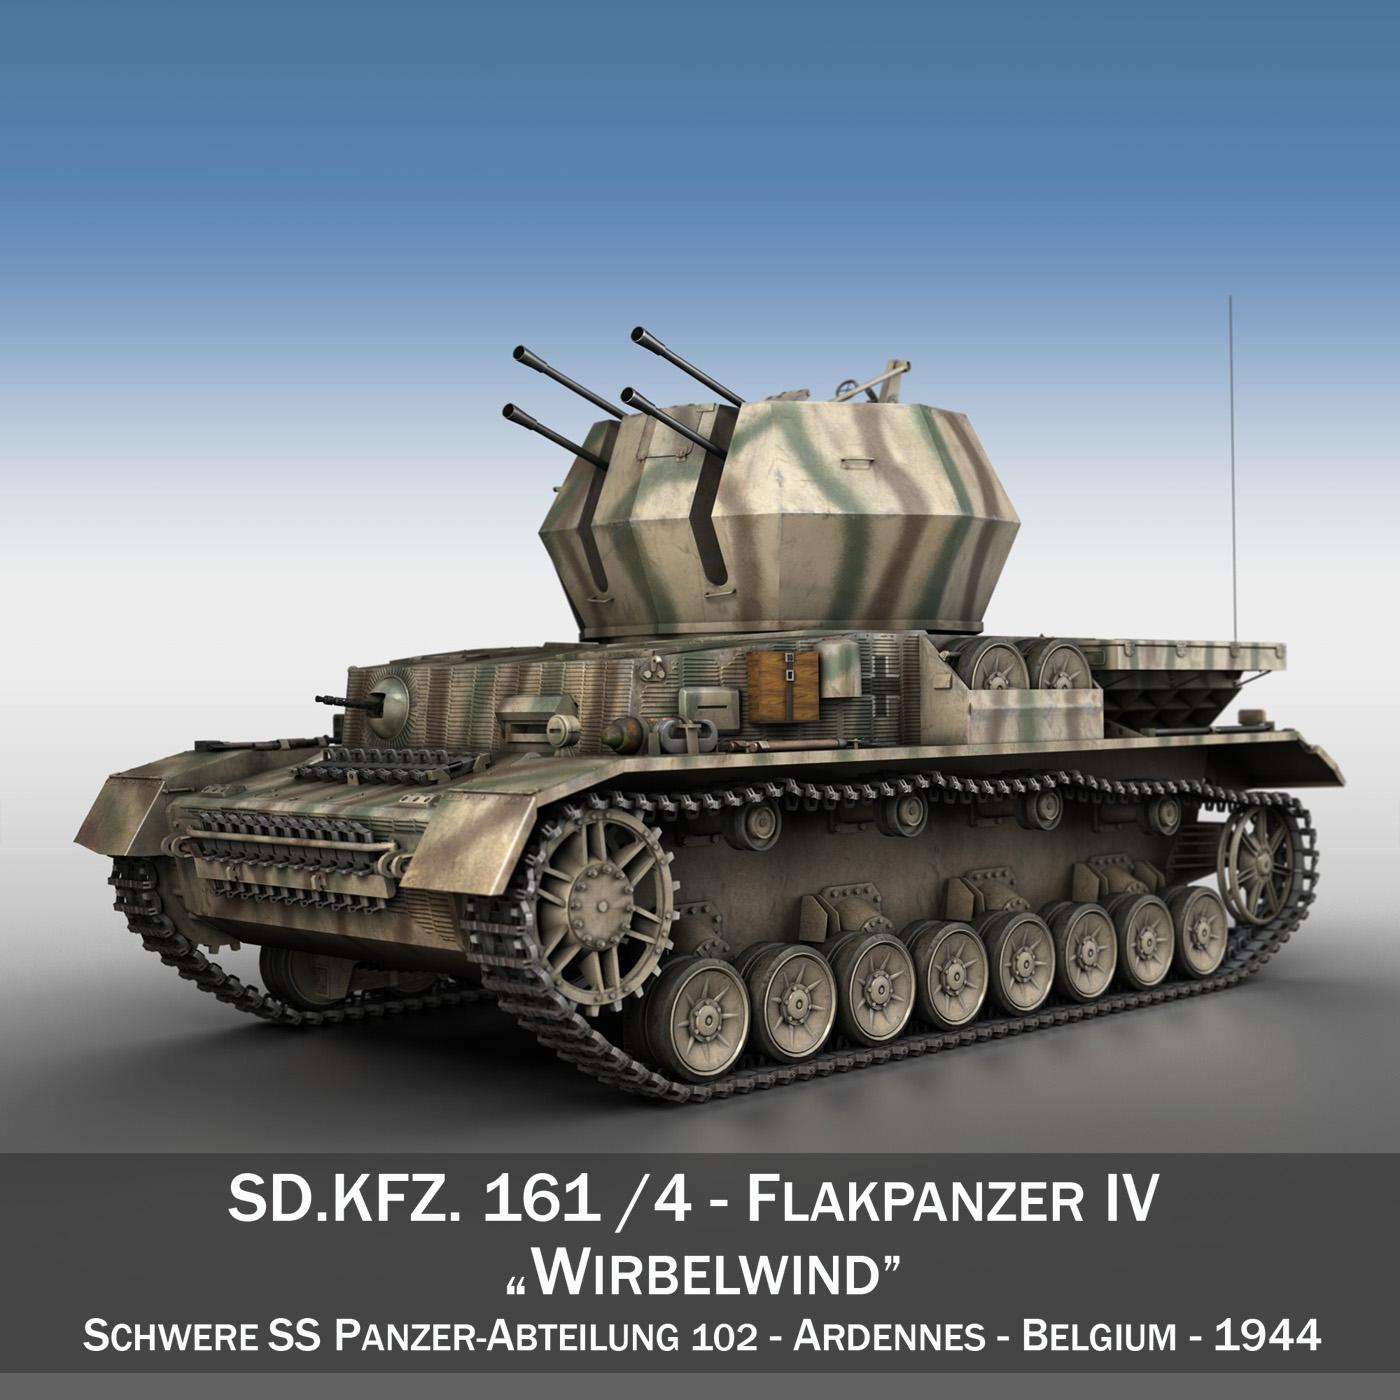 flakpanzer iv - tsamhail - earraíocht - s.ss-pzabt.102 Samhail 3d